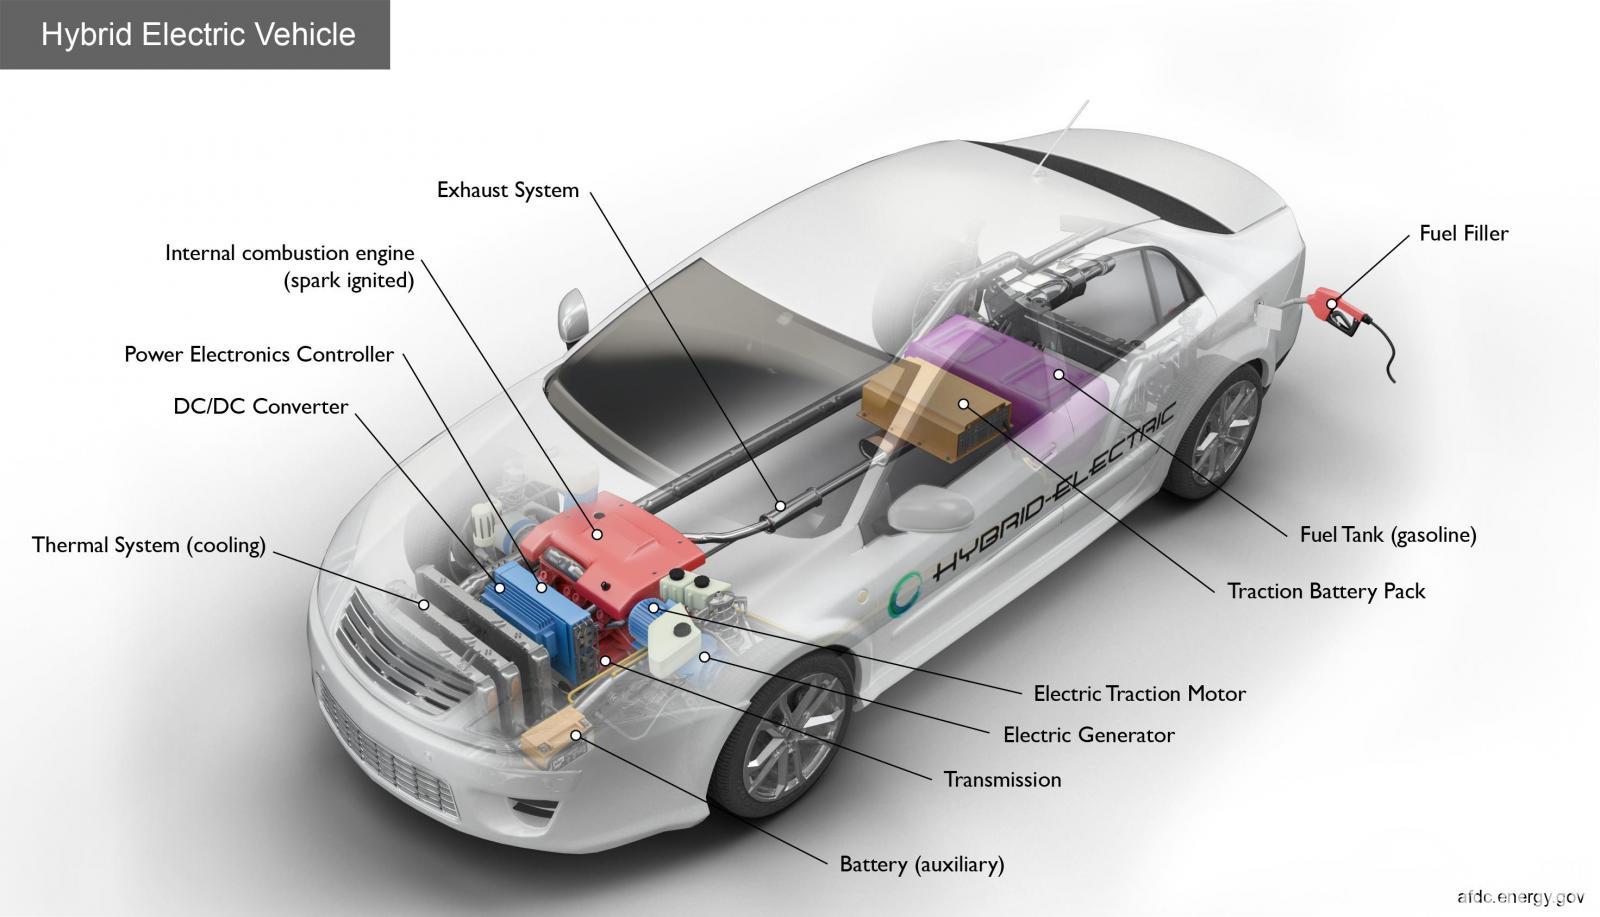 teknologi mobil hybrid dengan berbagai komponennya